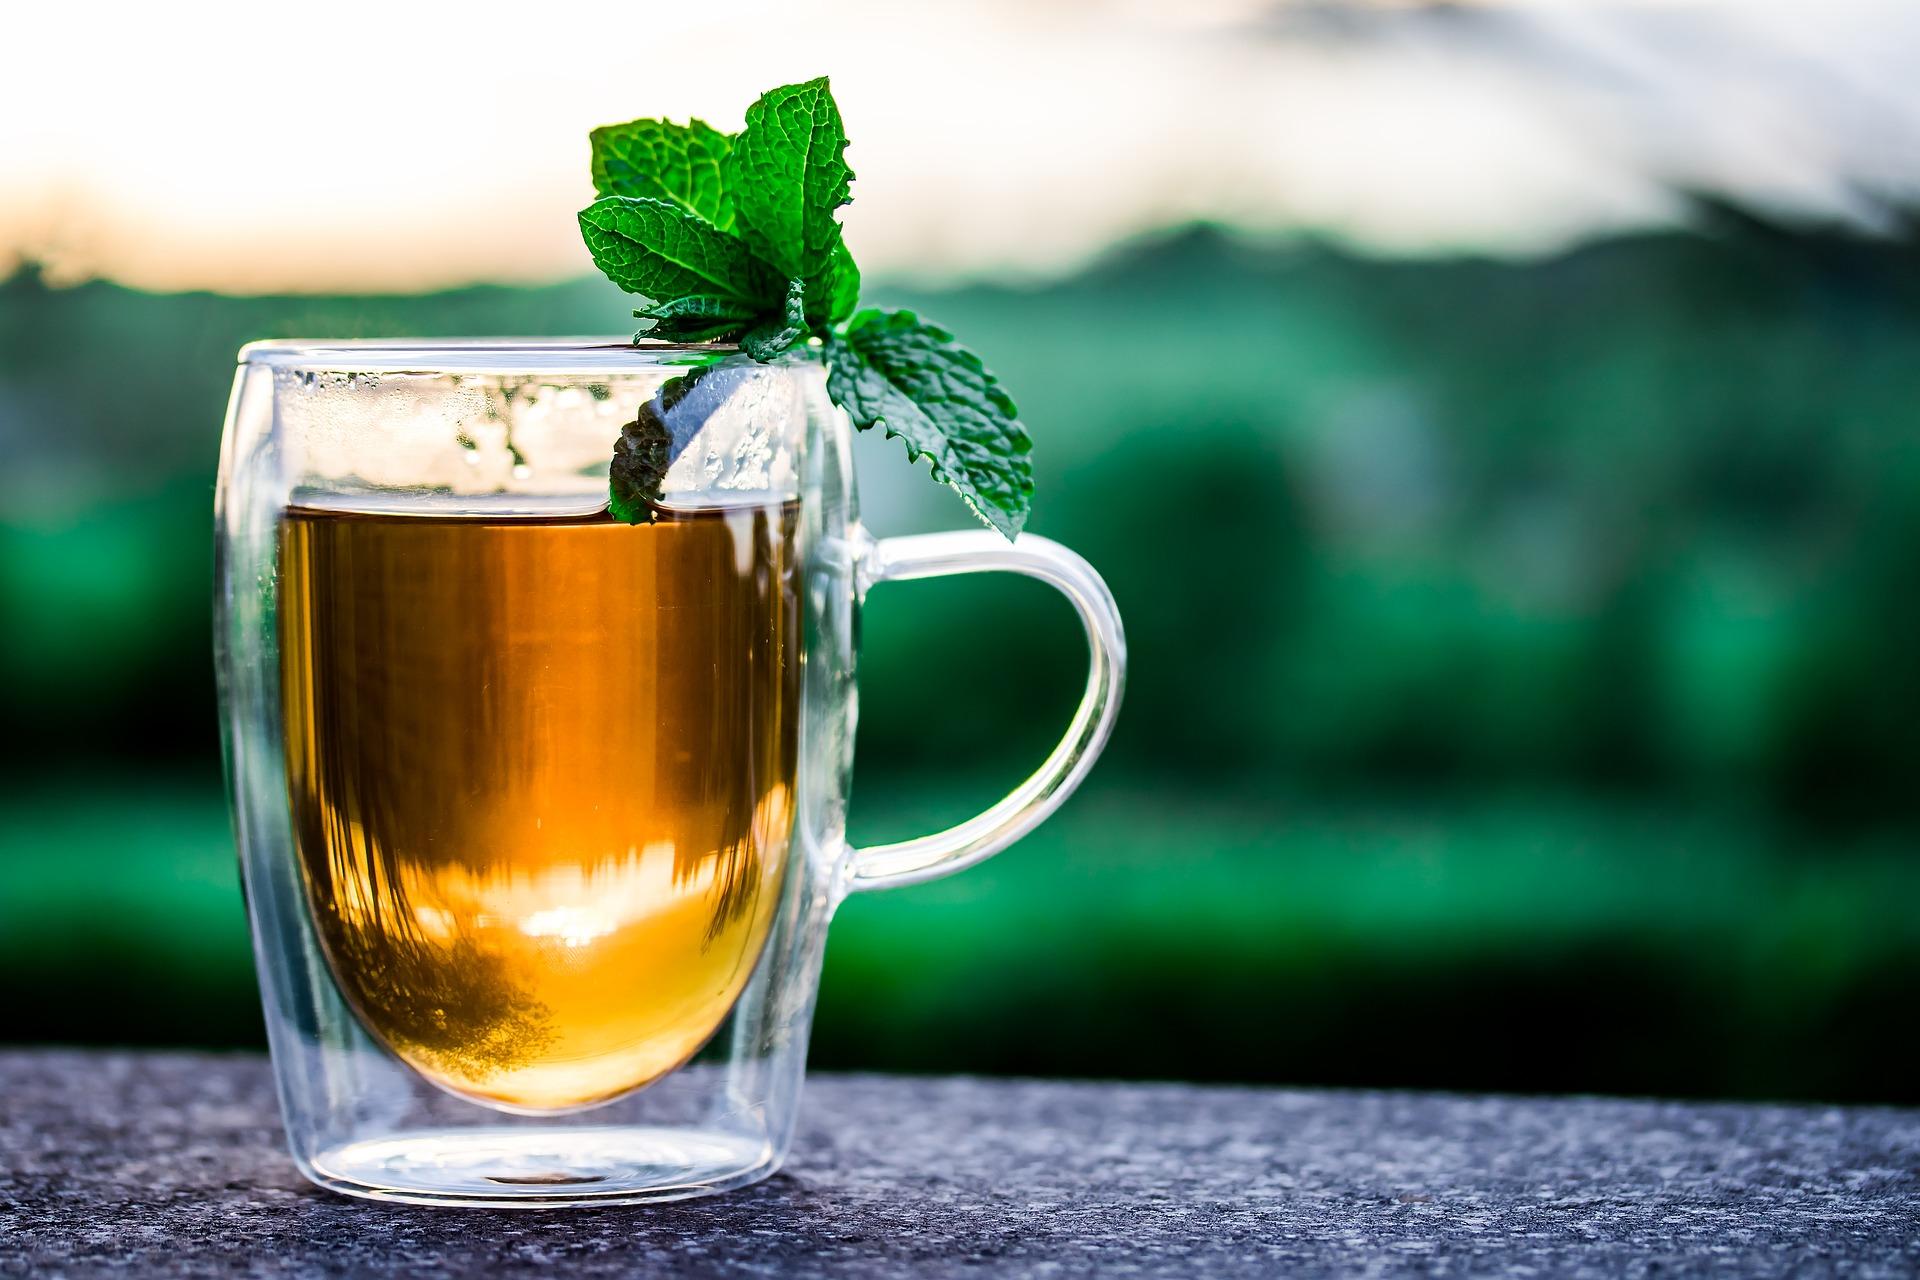 cel mai bine pierdeți în greutate băutură ajutor natural pentru pierderea în greutate